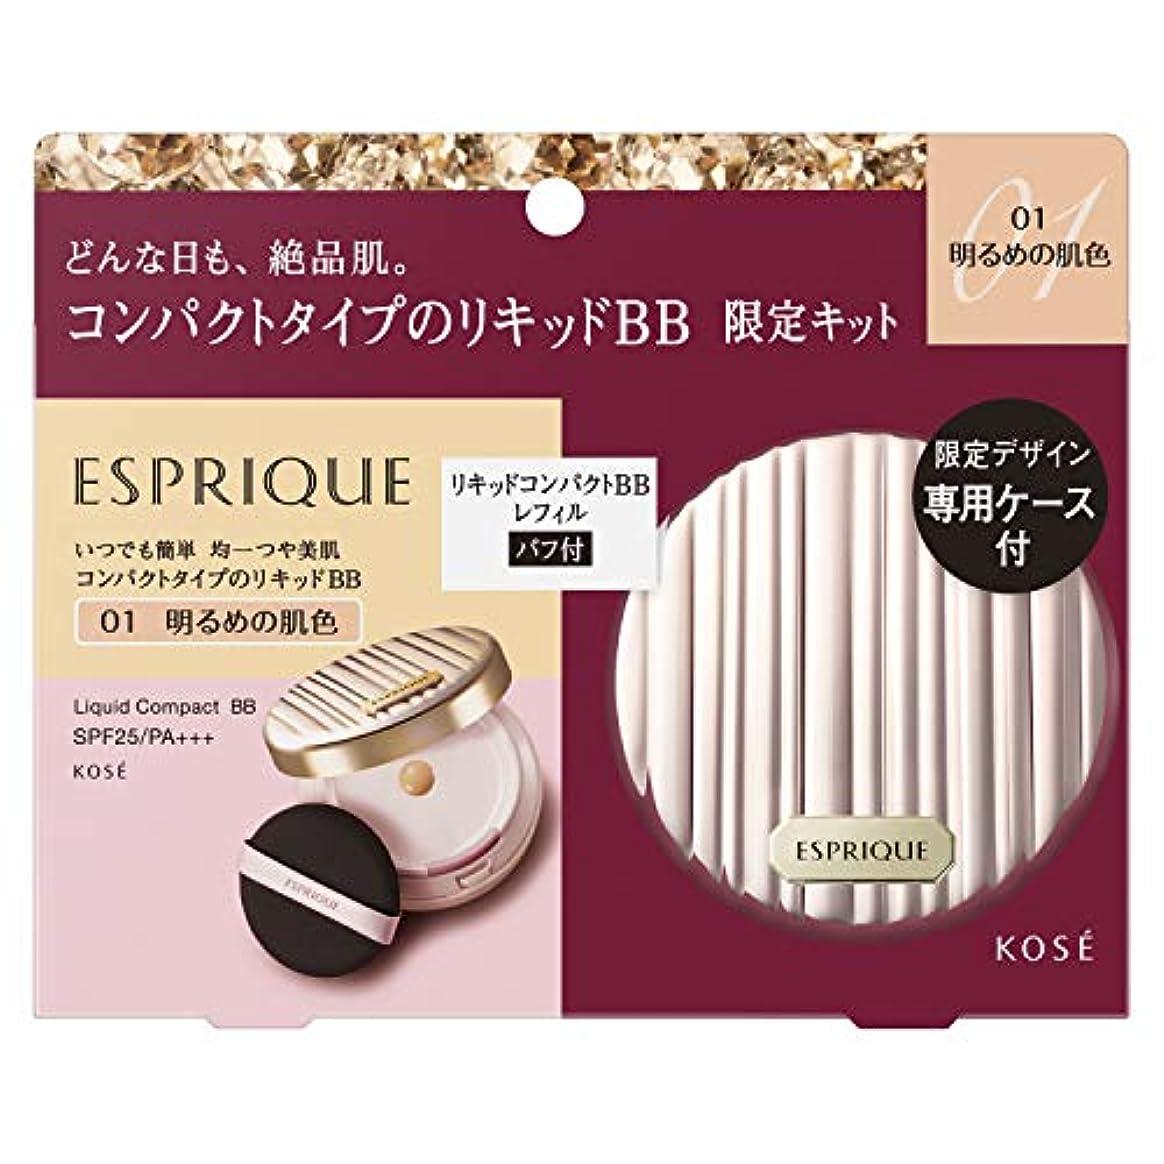 外国人ランドリーピンポイントESPRIQUE(エスプリーク) エスプリーク リキッド コンパクト BB 限定キット 2 BBクリーム 01 明るめの肌色 セット 13g+ケース付き